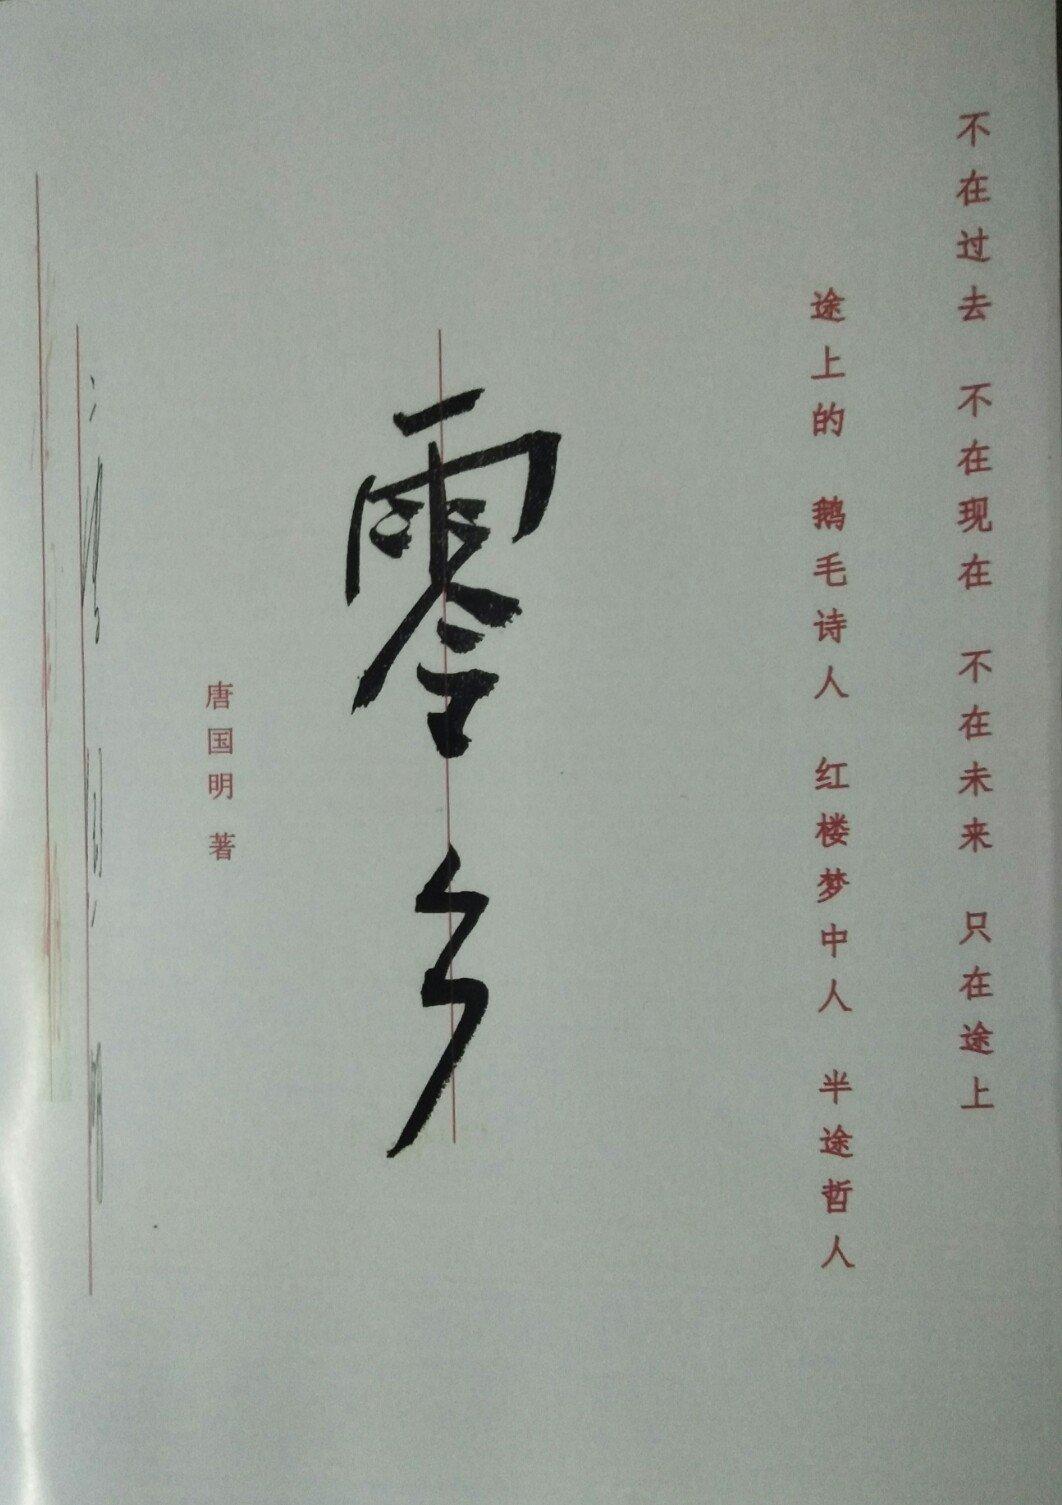 """半途哲人、鹅毛诗人唐国明""""保卫诗歌、圣洁诗歌、复活诗歌""""的宣言"""